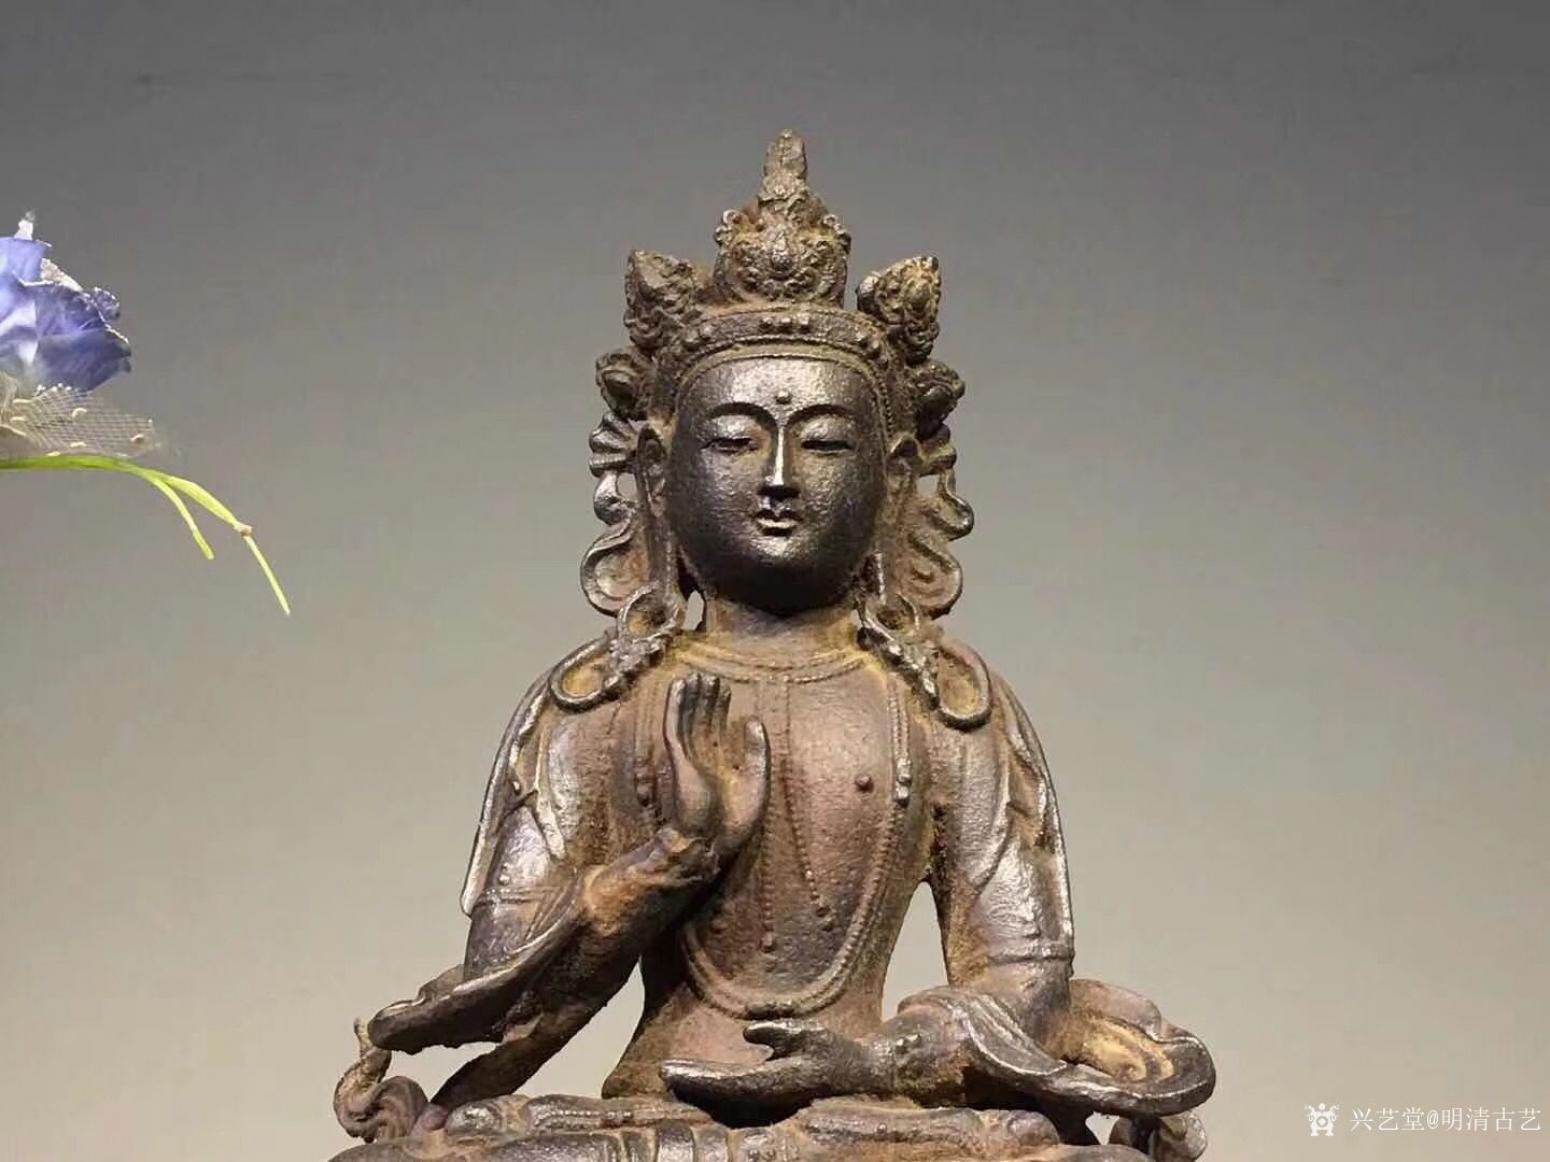 明清古艺雕刻作品《佛像菩萨盘坐》【图3】